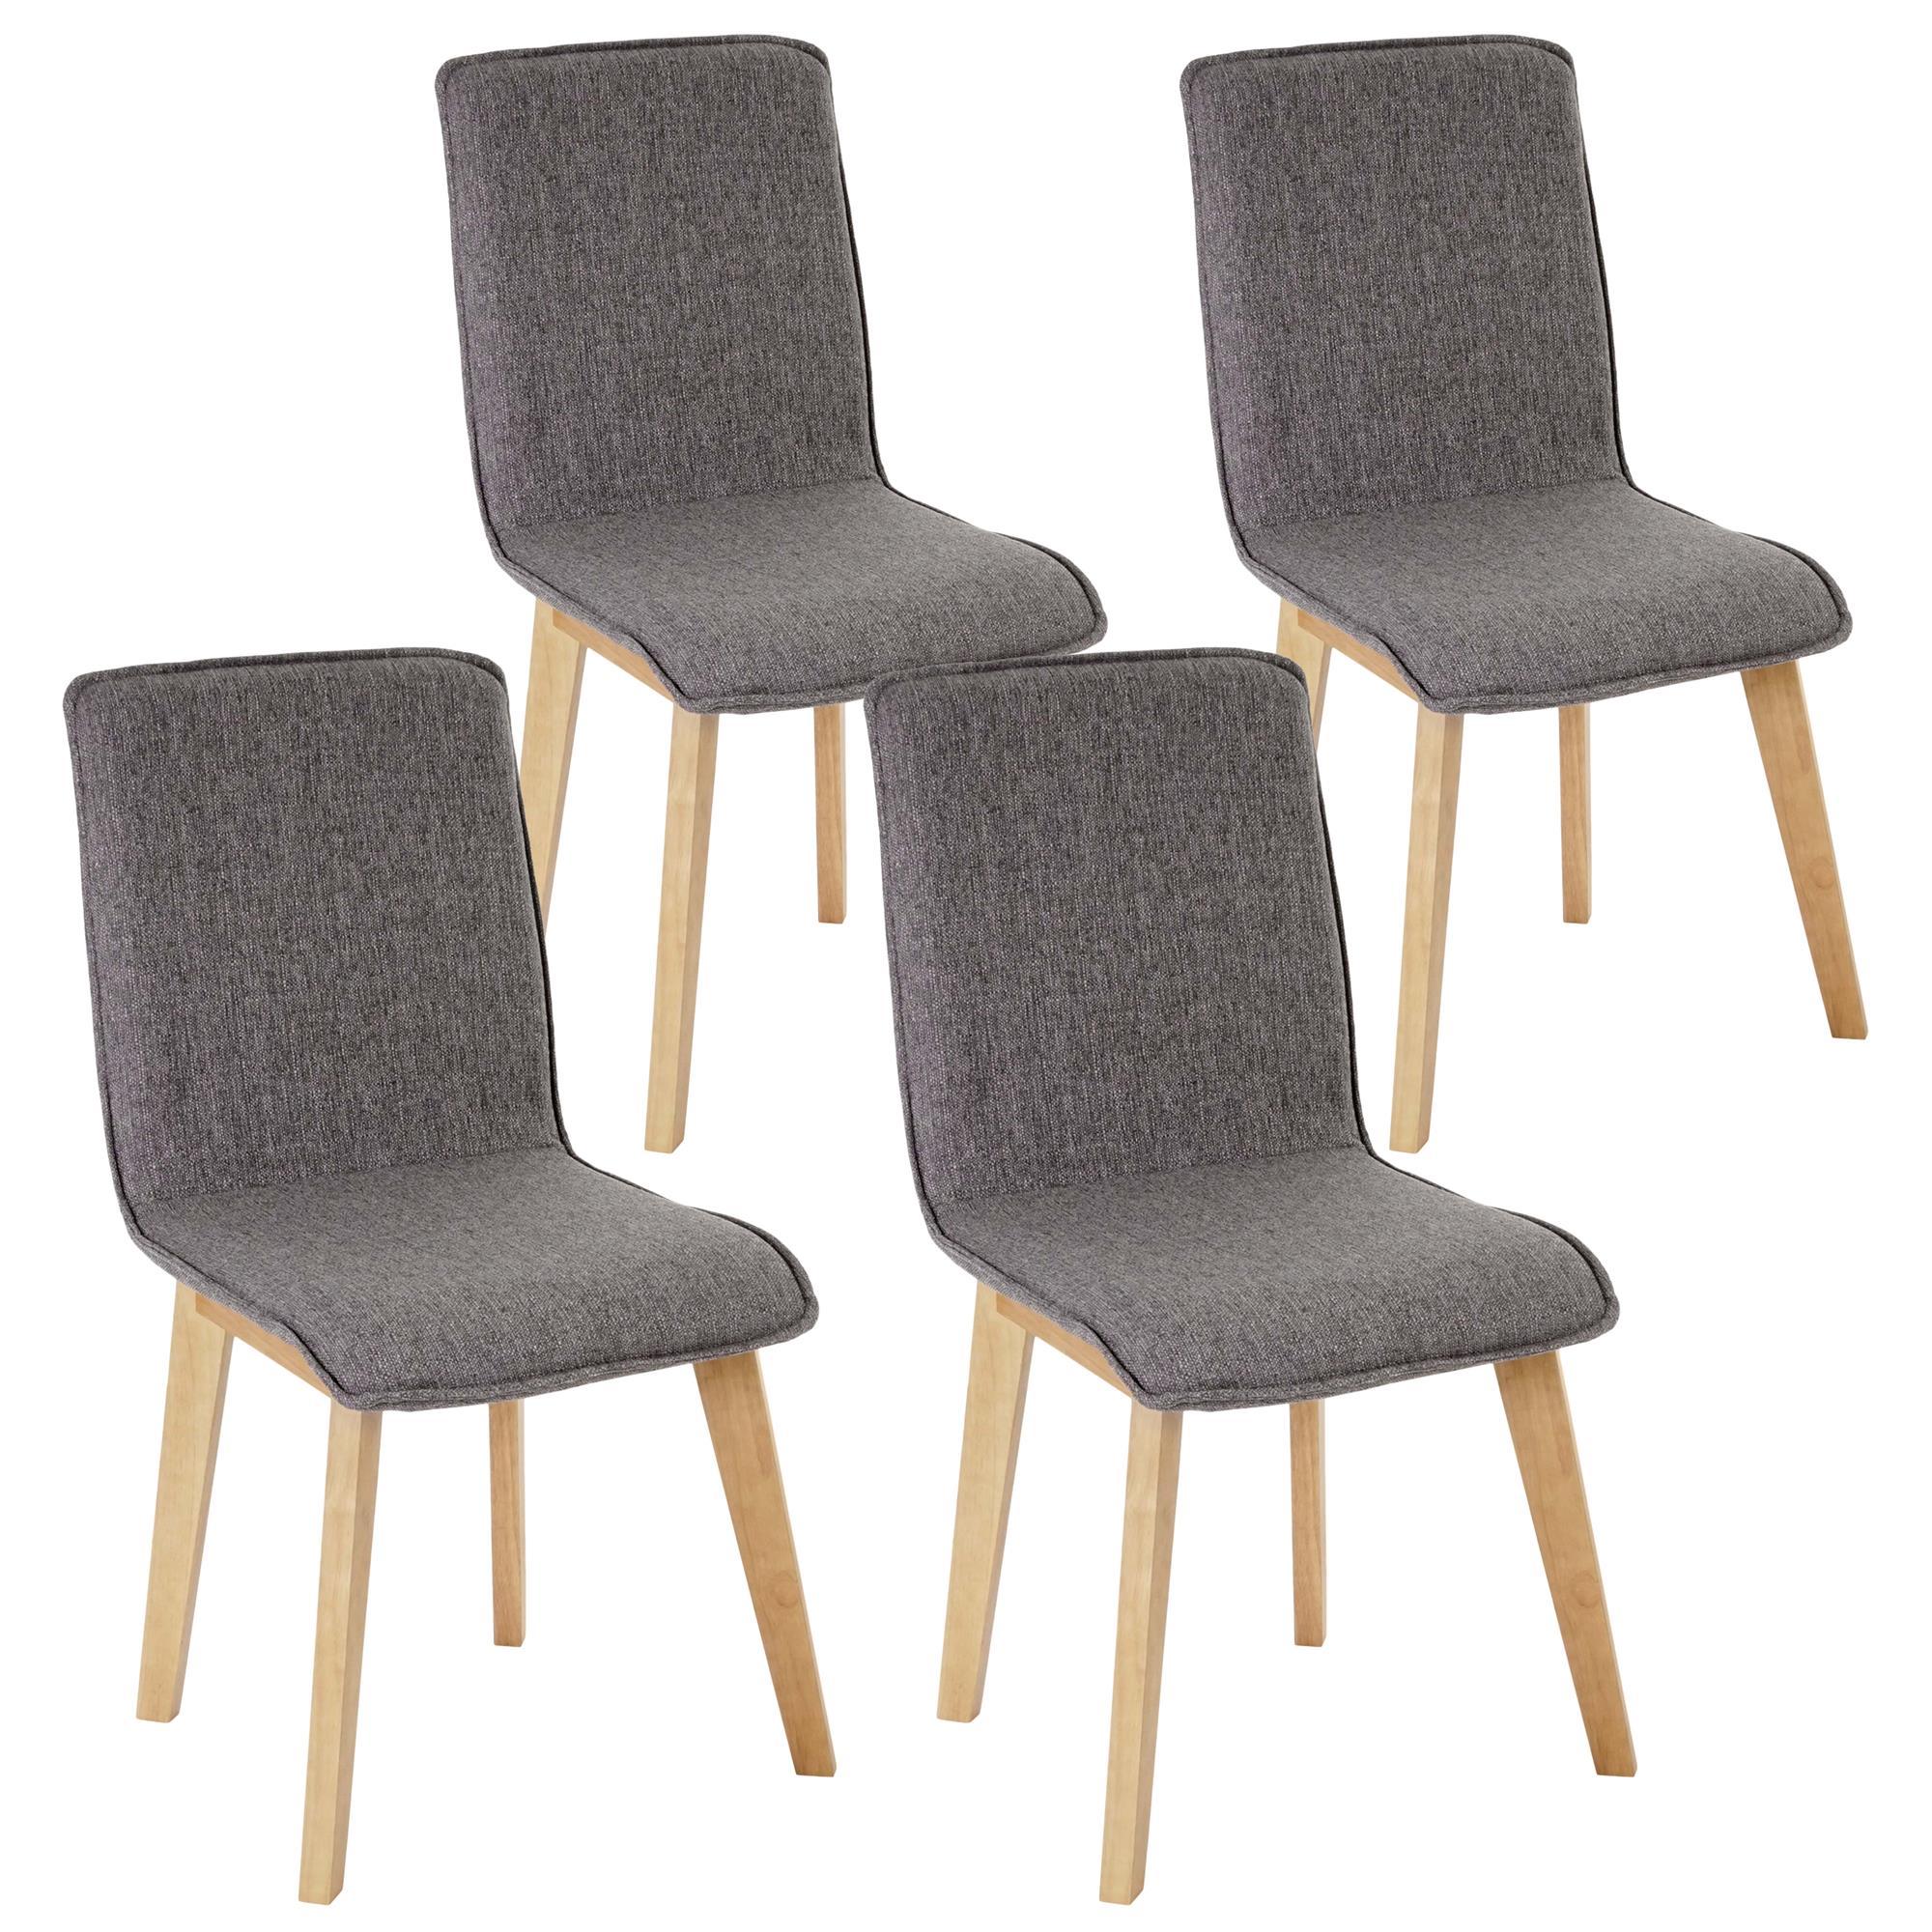 Lote 4 sillas de cocina o comedor ford en tela gris for Sillas para cocina comedor